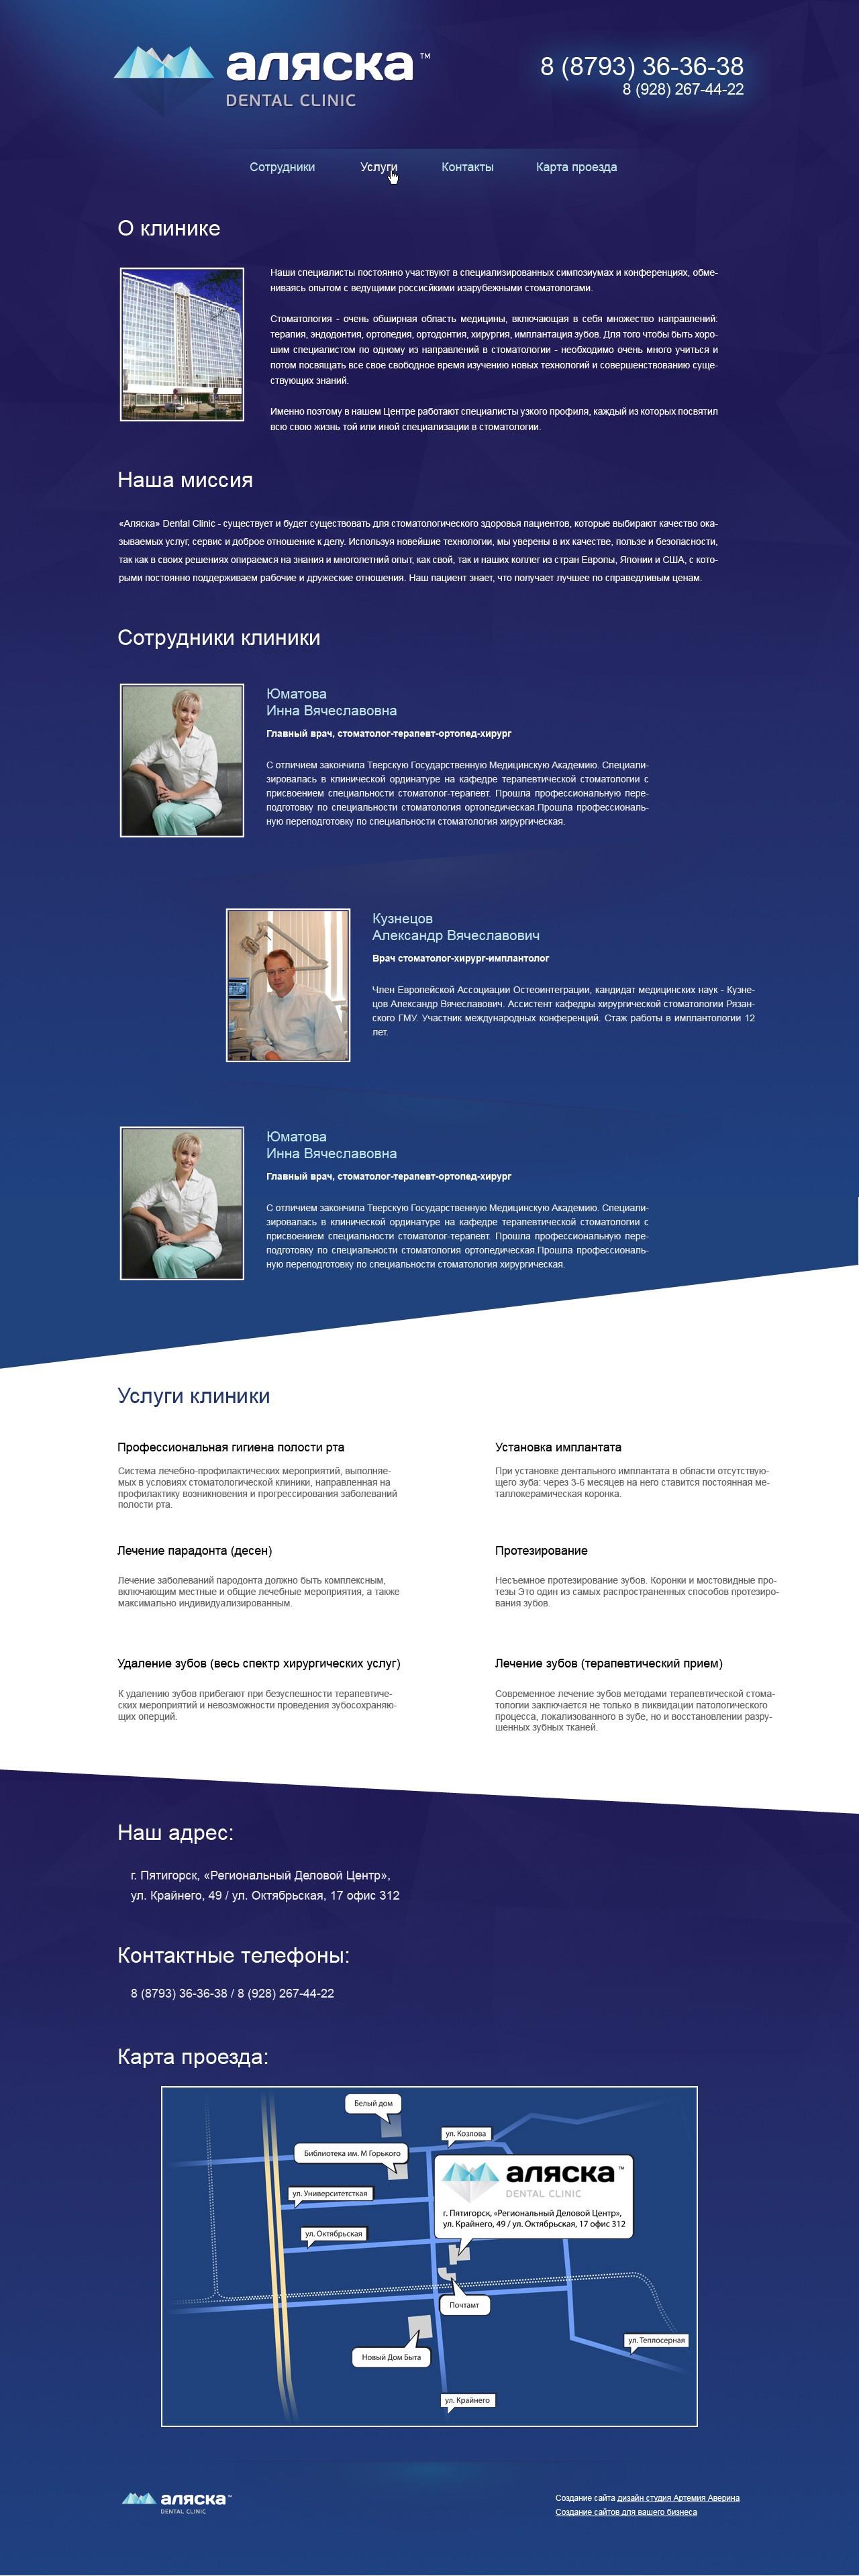 Аляска» Dental Clinic - 2012-07-24   Создание и разработка web ... 81da4f483b0